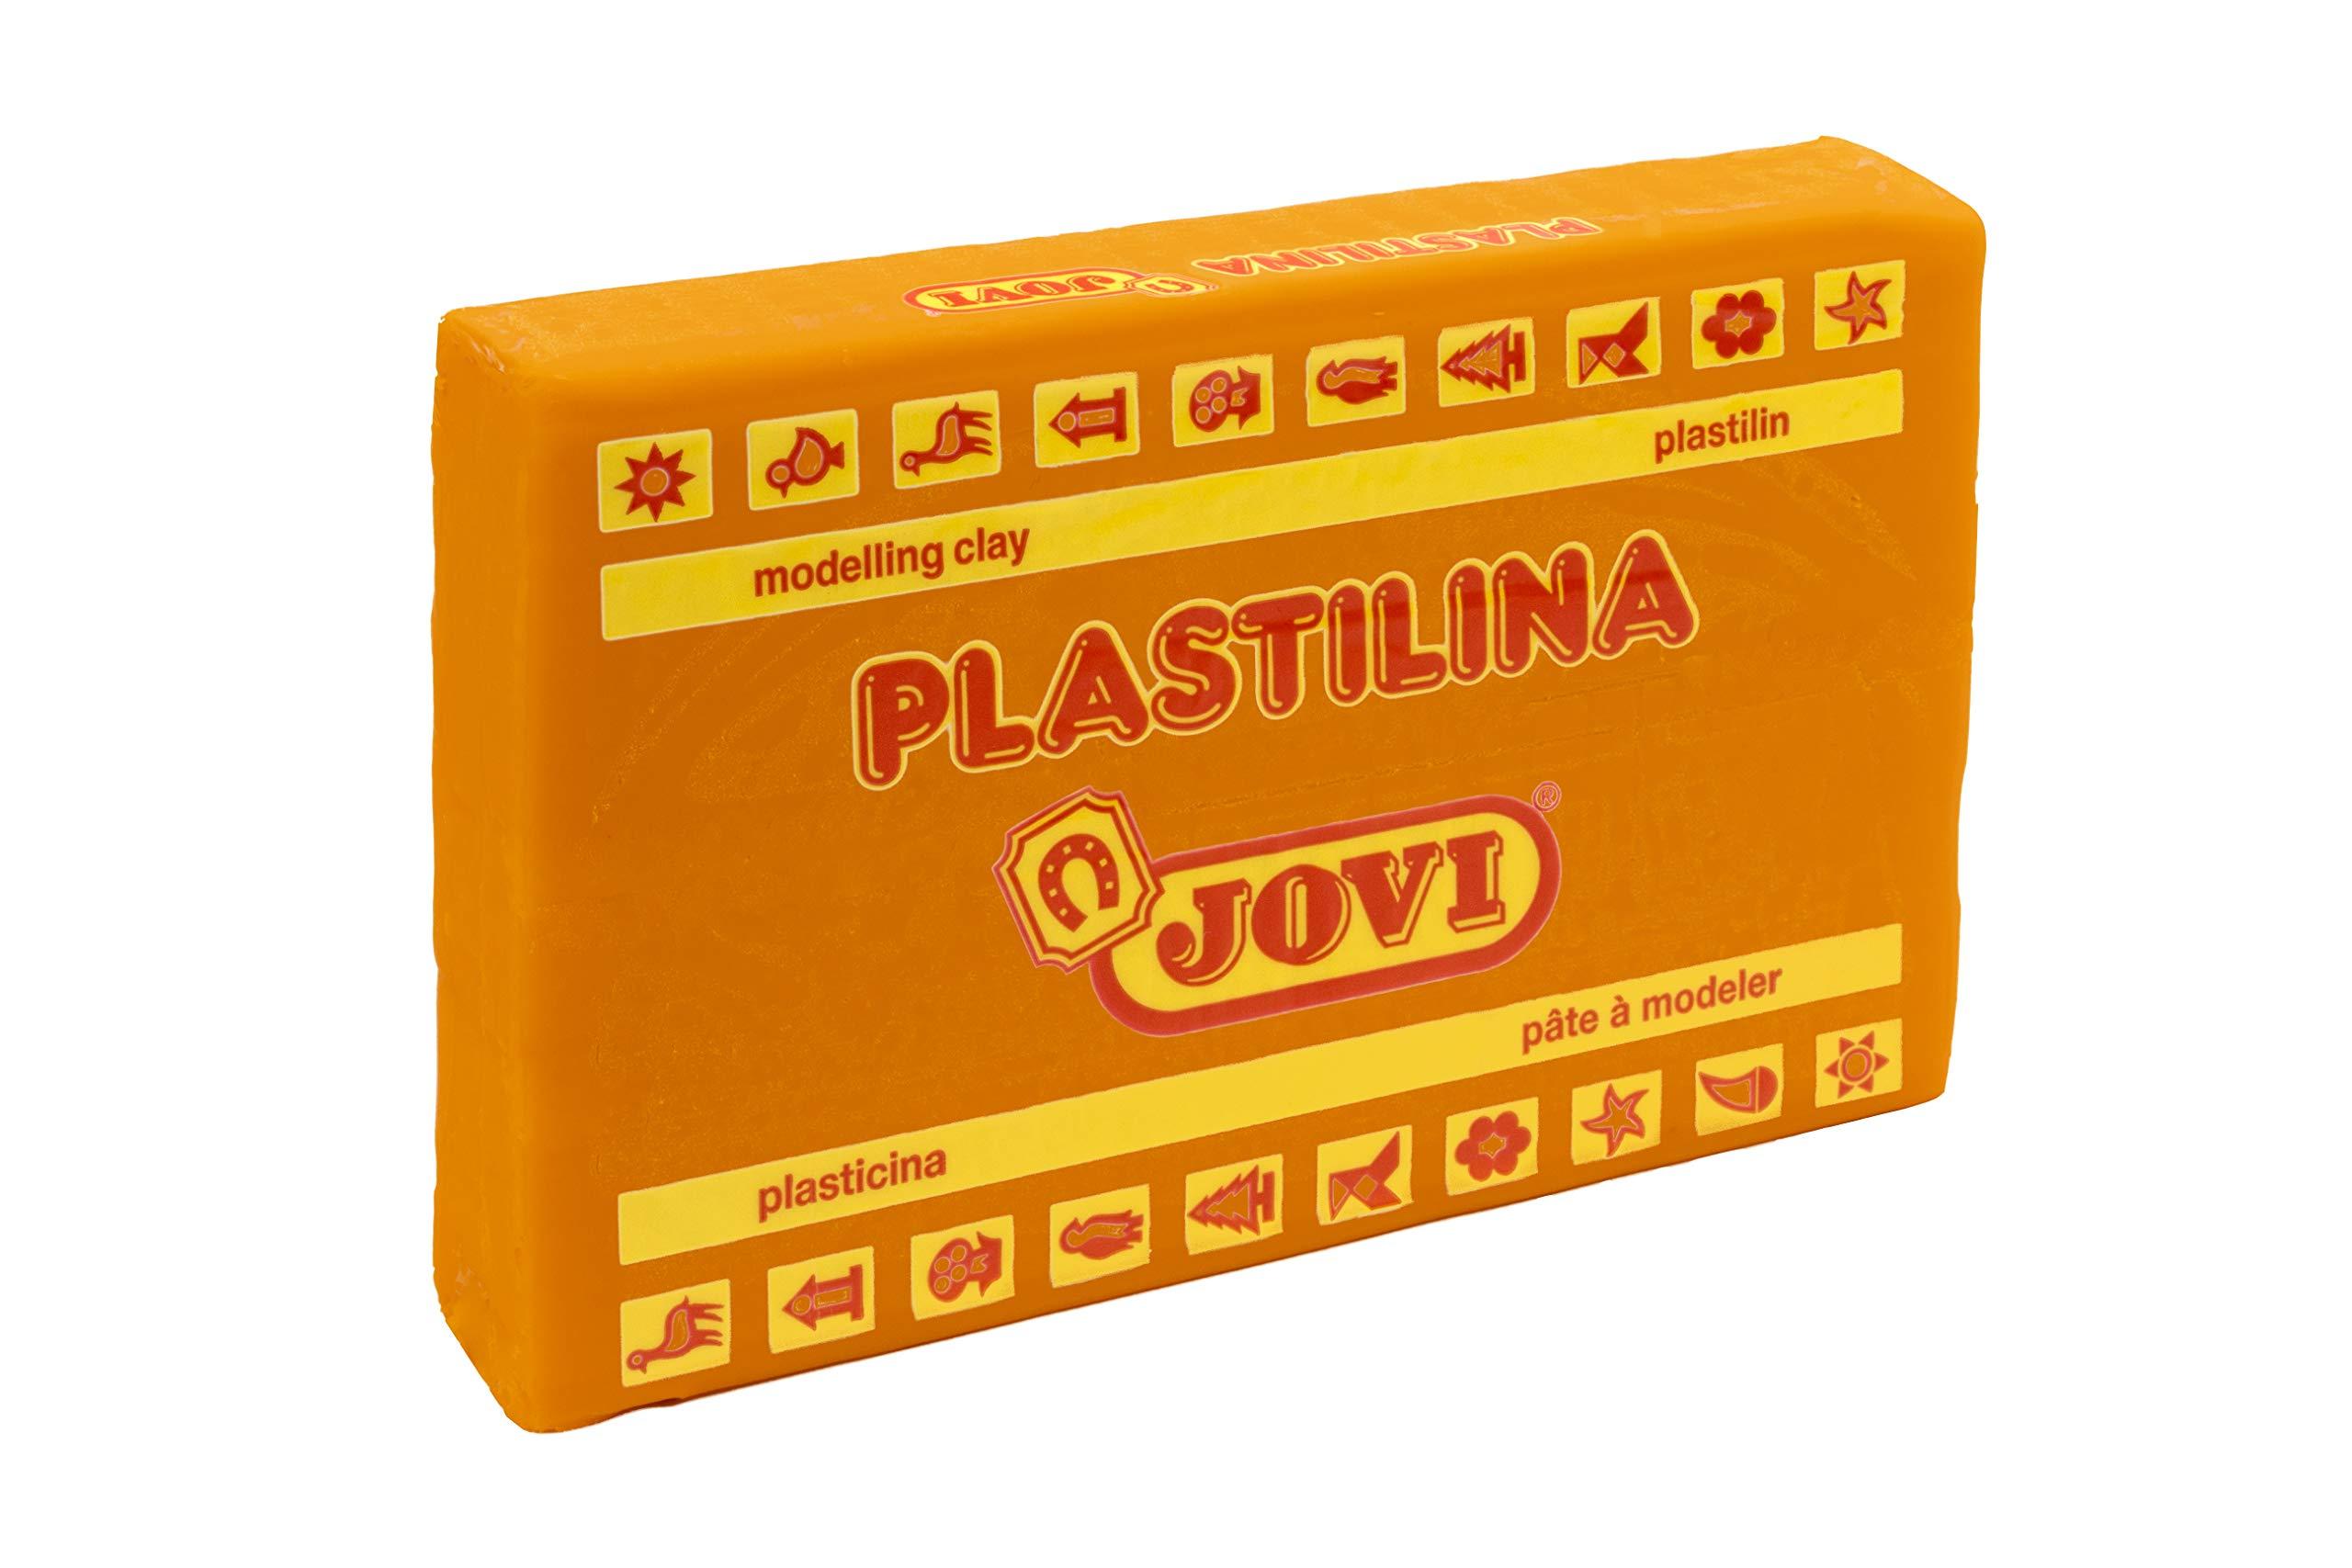 Jovi Caja de plastilina, 15 Pastillas 350 gr, Color Naranja (7204), Gramos: Amazon.es: Juguetes y juegos